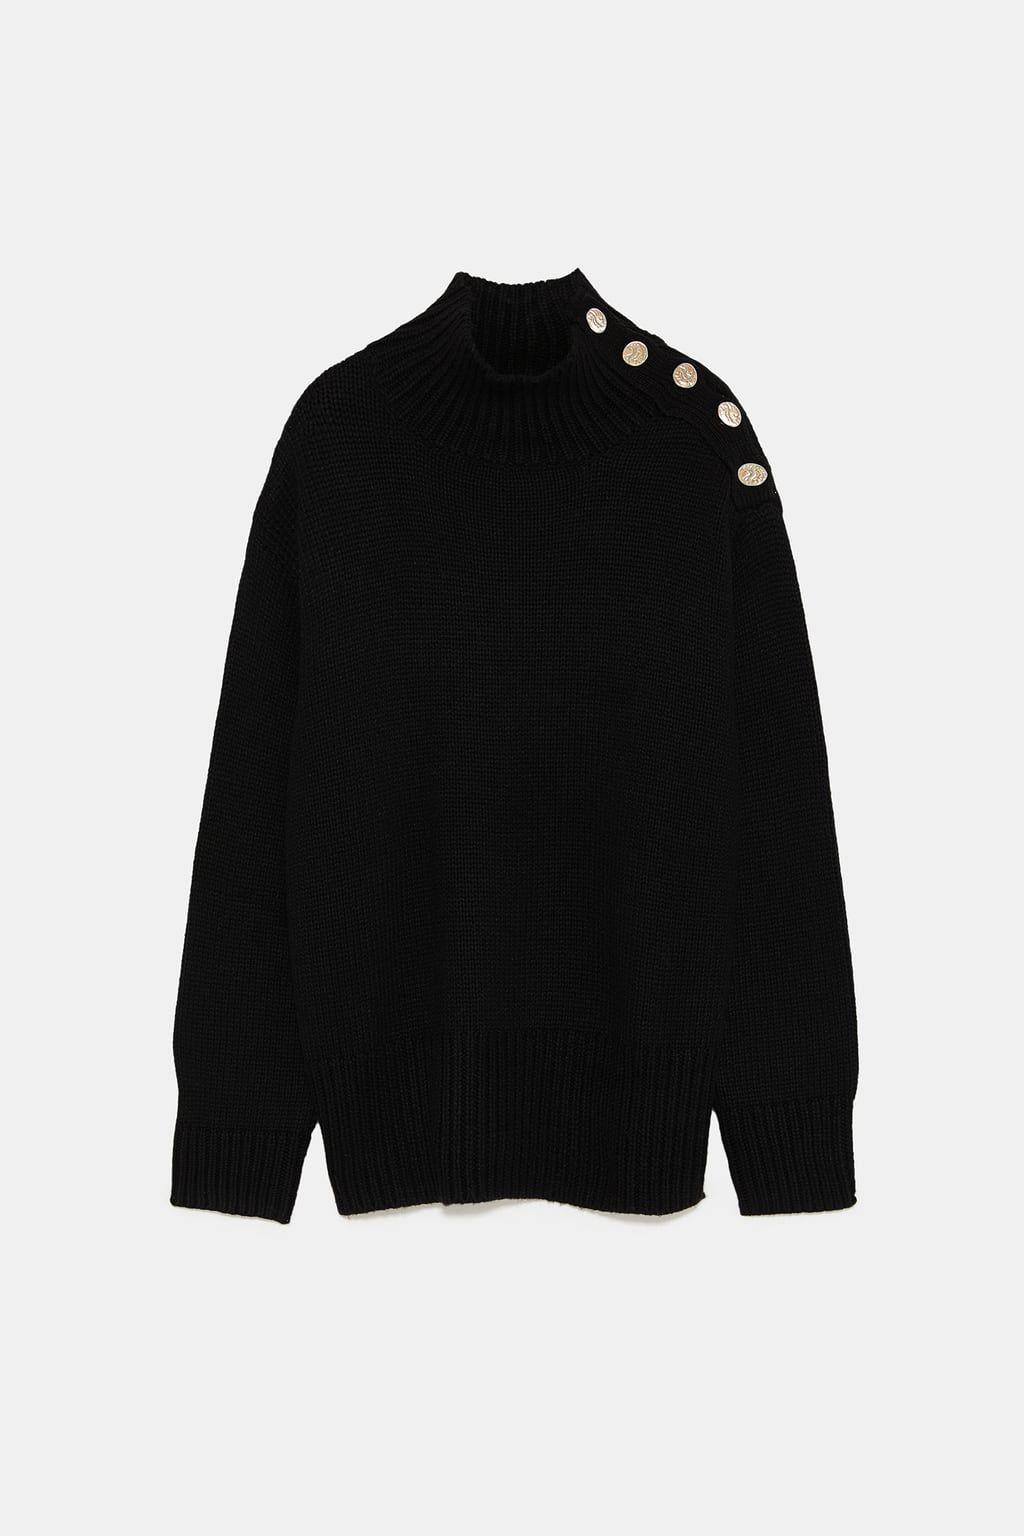 Pull à boutons | Pulls, Chandail pour hommes et Zara